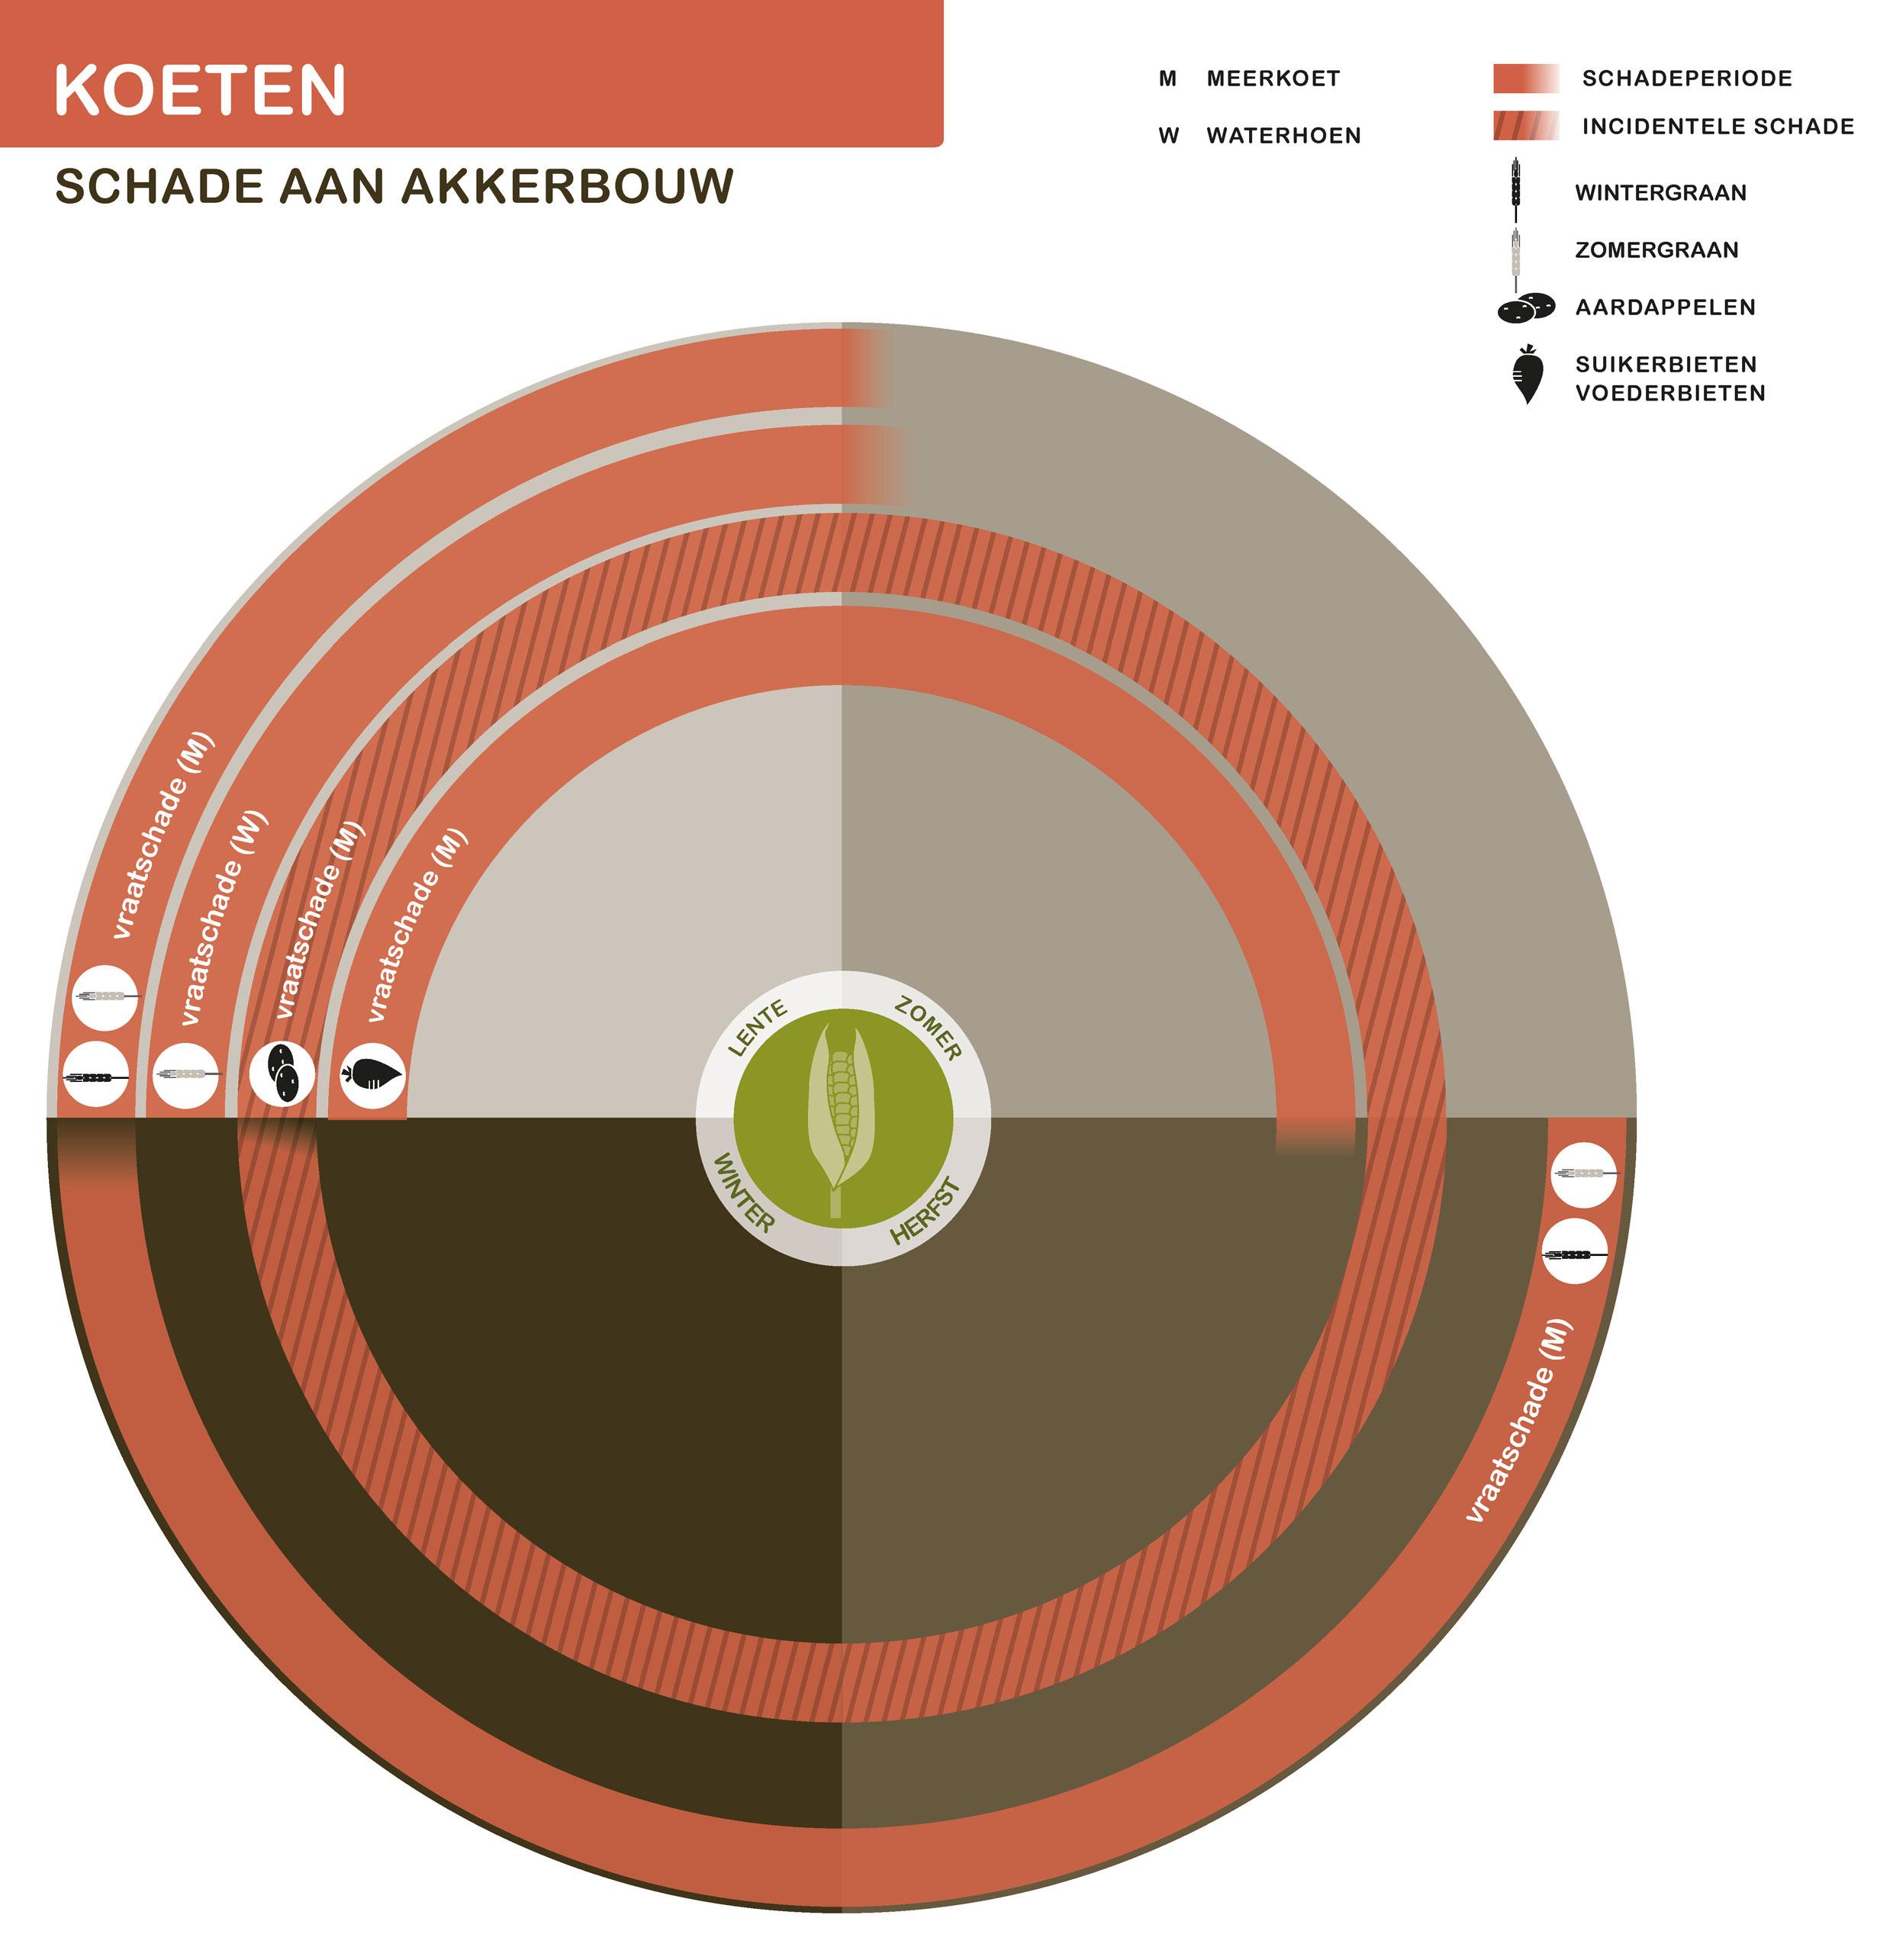 FPK-infogr-koeten-akkerbouw-1